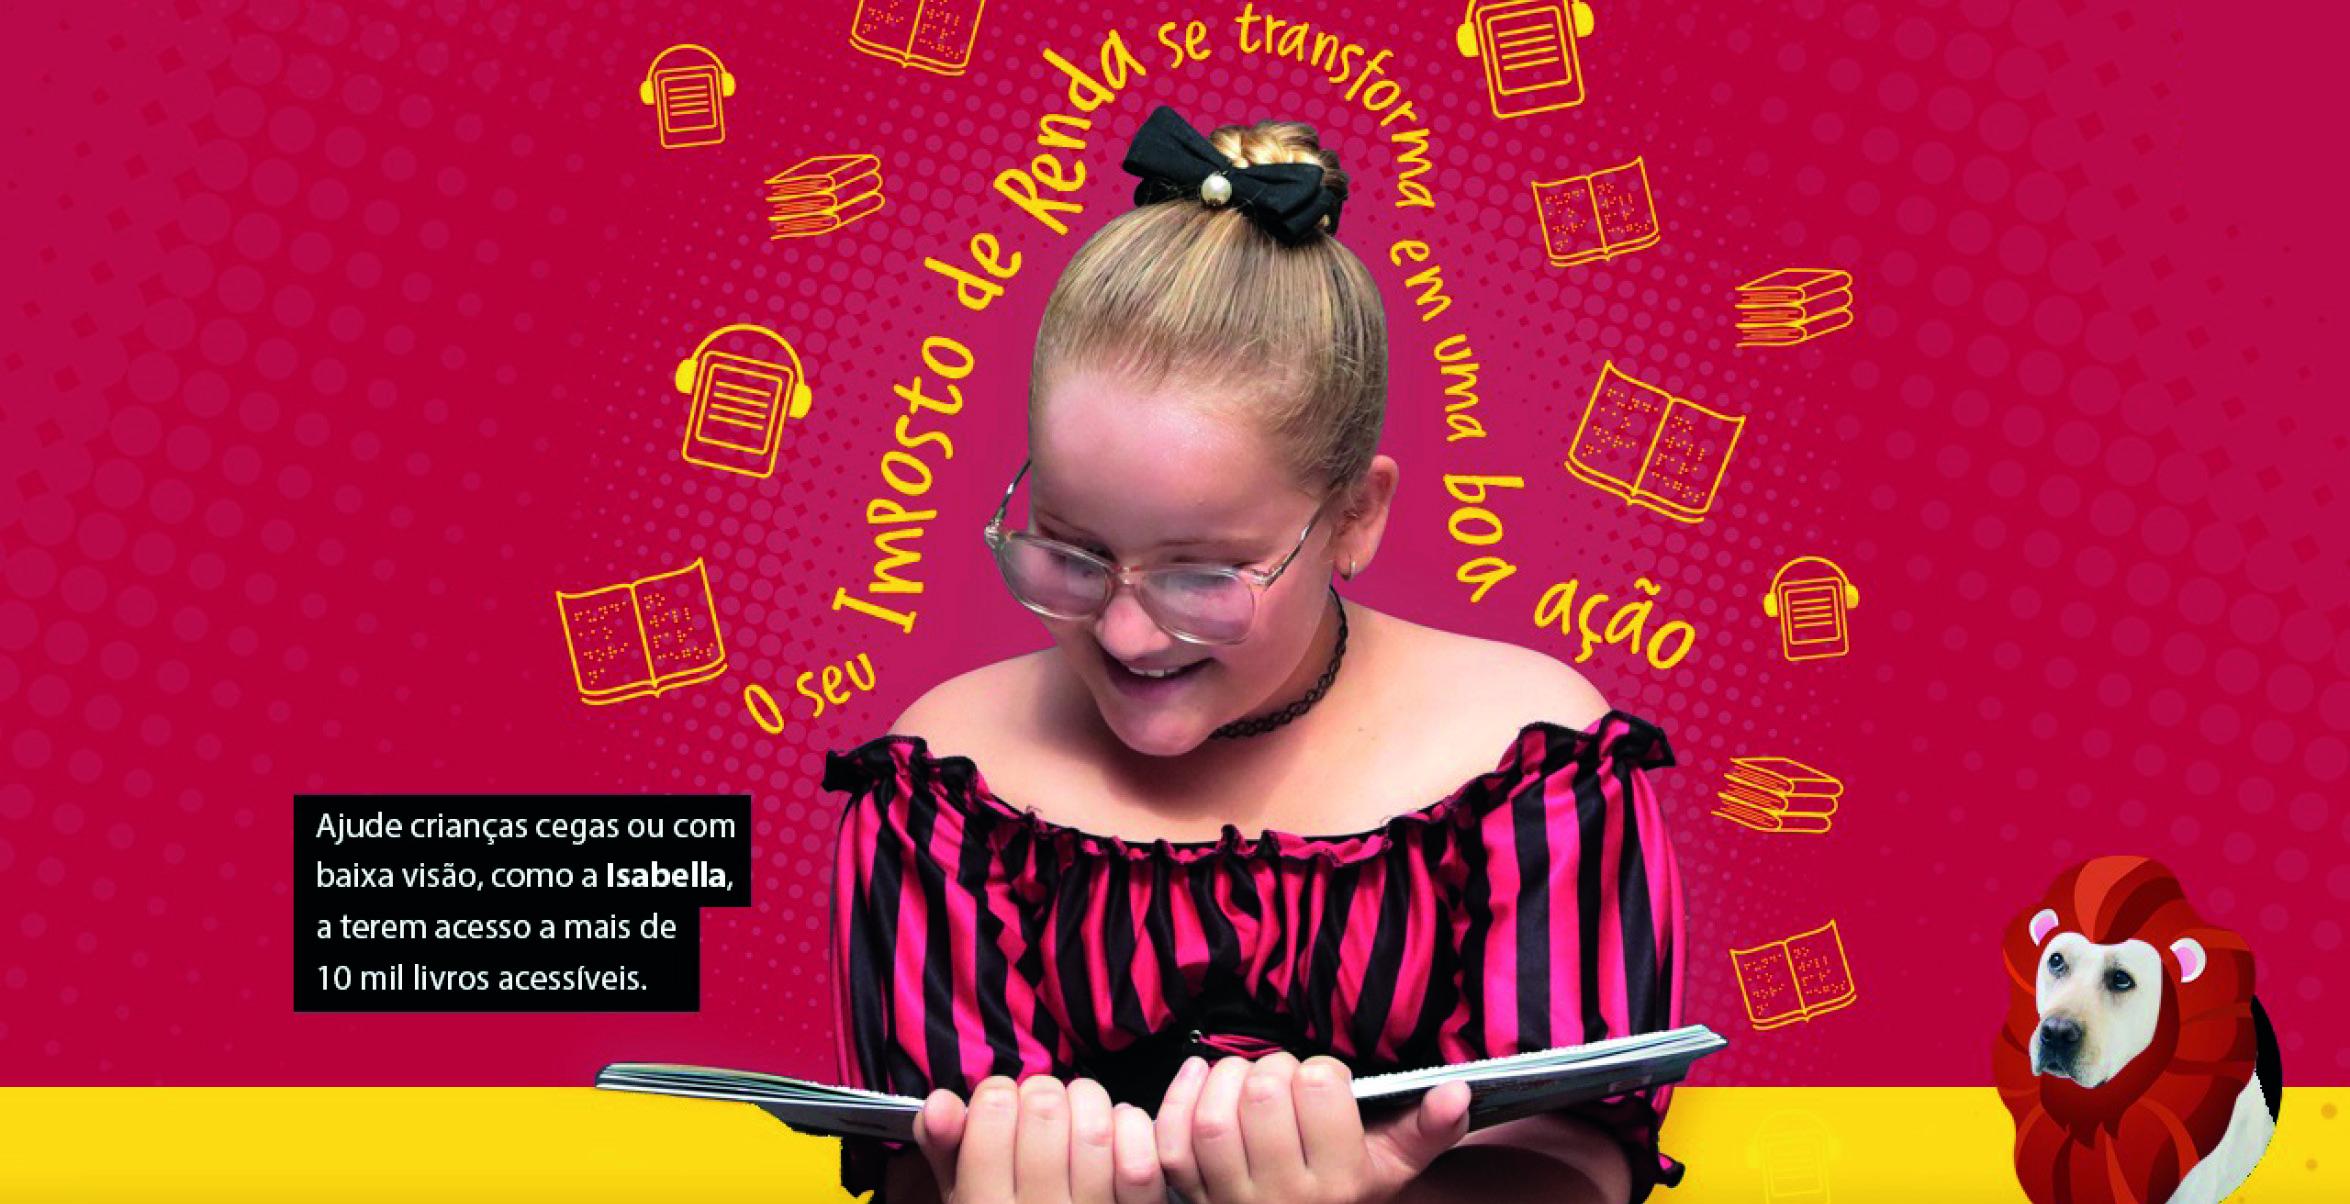 """Imagem de fundo vermelho com ícones amarelos de diferentes formatos de livros (fazendo alusão a livros em braille e digital acessível). Sobre ele, faixa amarela na parte inferior da imagem. Sobre, há uma foto de Isabella segurando um livro, ao centro. Ela sorri e olha para baixo, como se estivesse lendo. Acima de sua cabeça, se lê a frase """"O seu imposto de renda se transforma em uma boa ação"""" escrito em amarelo. À esquerda de Isabella, está escrito """"Ajude crianças cegas ou com baixa visão, como a Isabella, a terem acesso a mais de 10 mil livros acessíveis"""". À sua direita está uma foto do cão-guia Rudy com uma juba de leão feita digitalmente."""